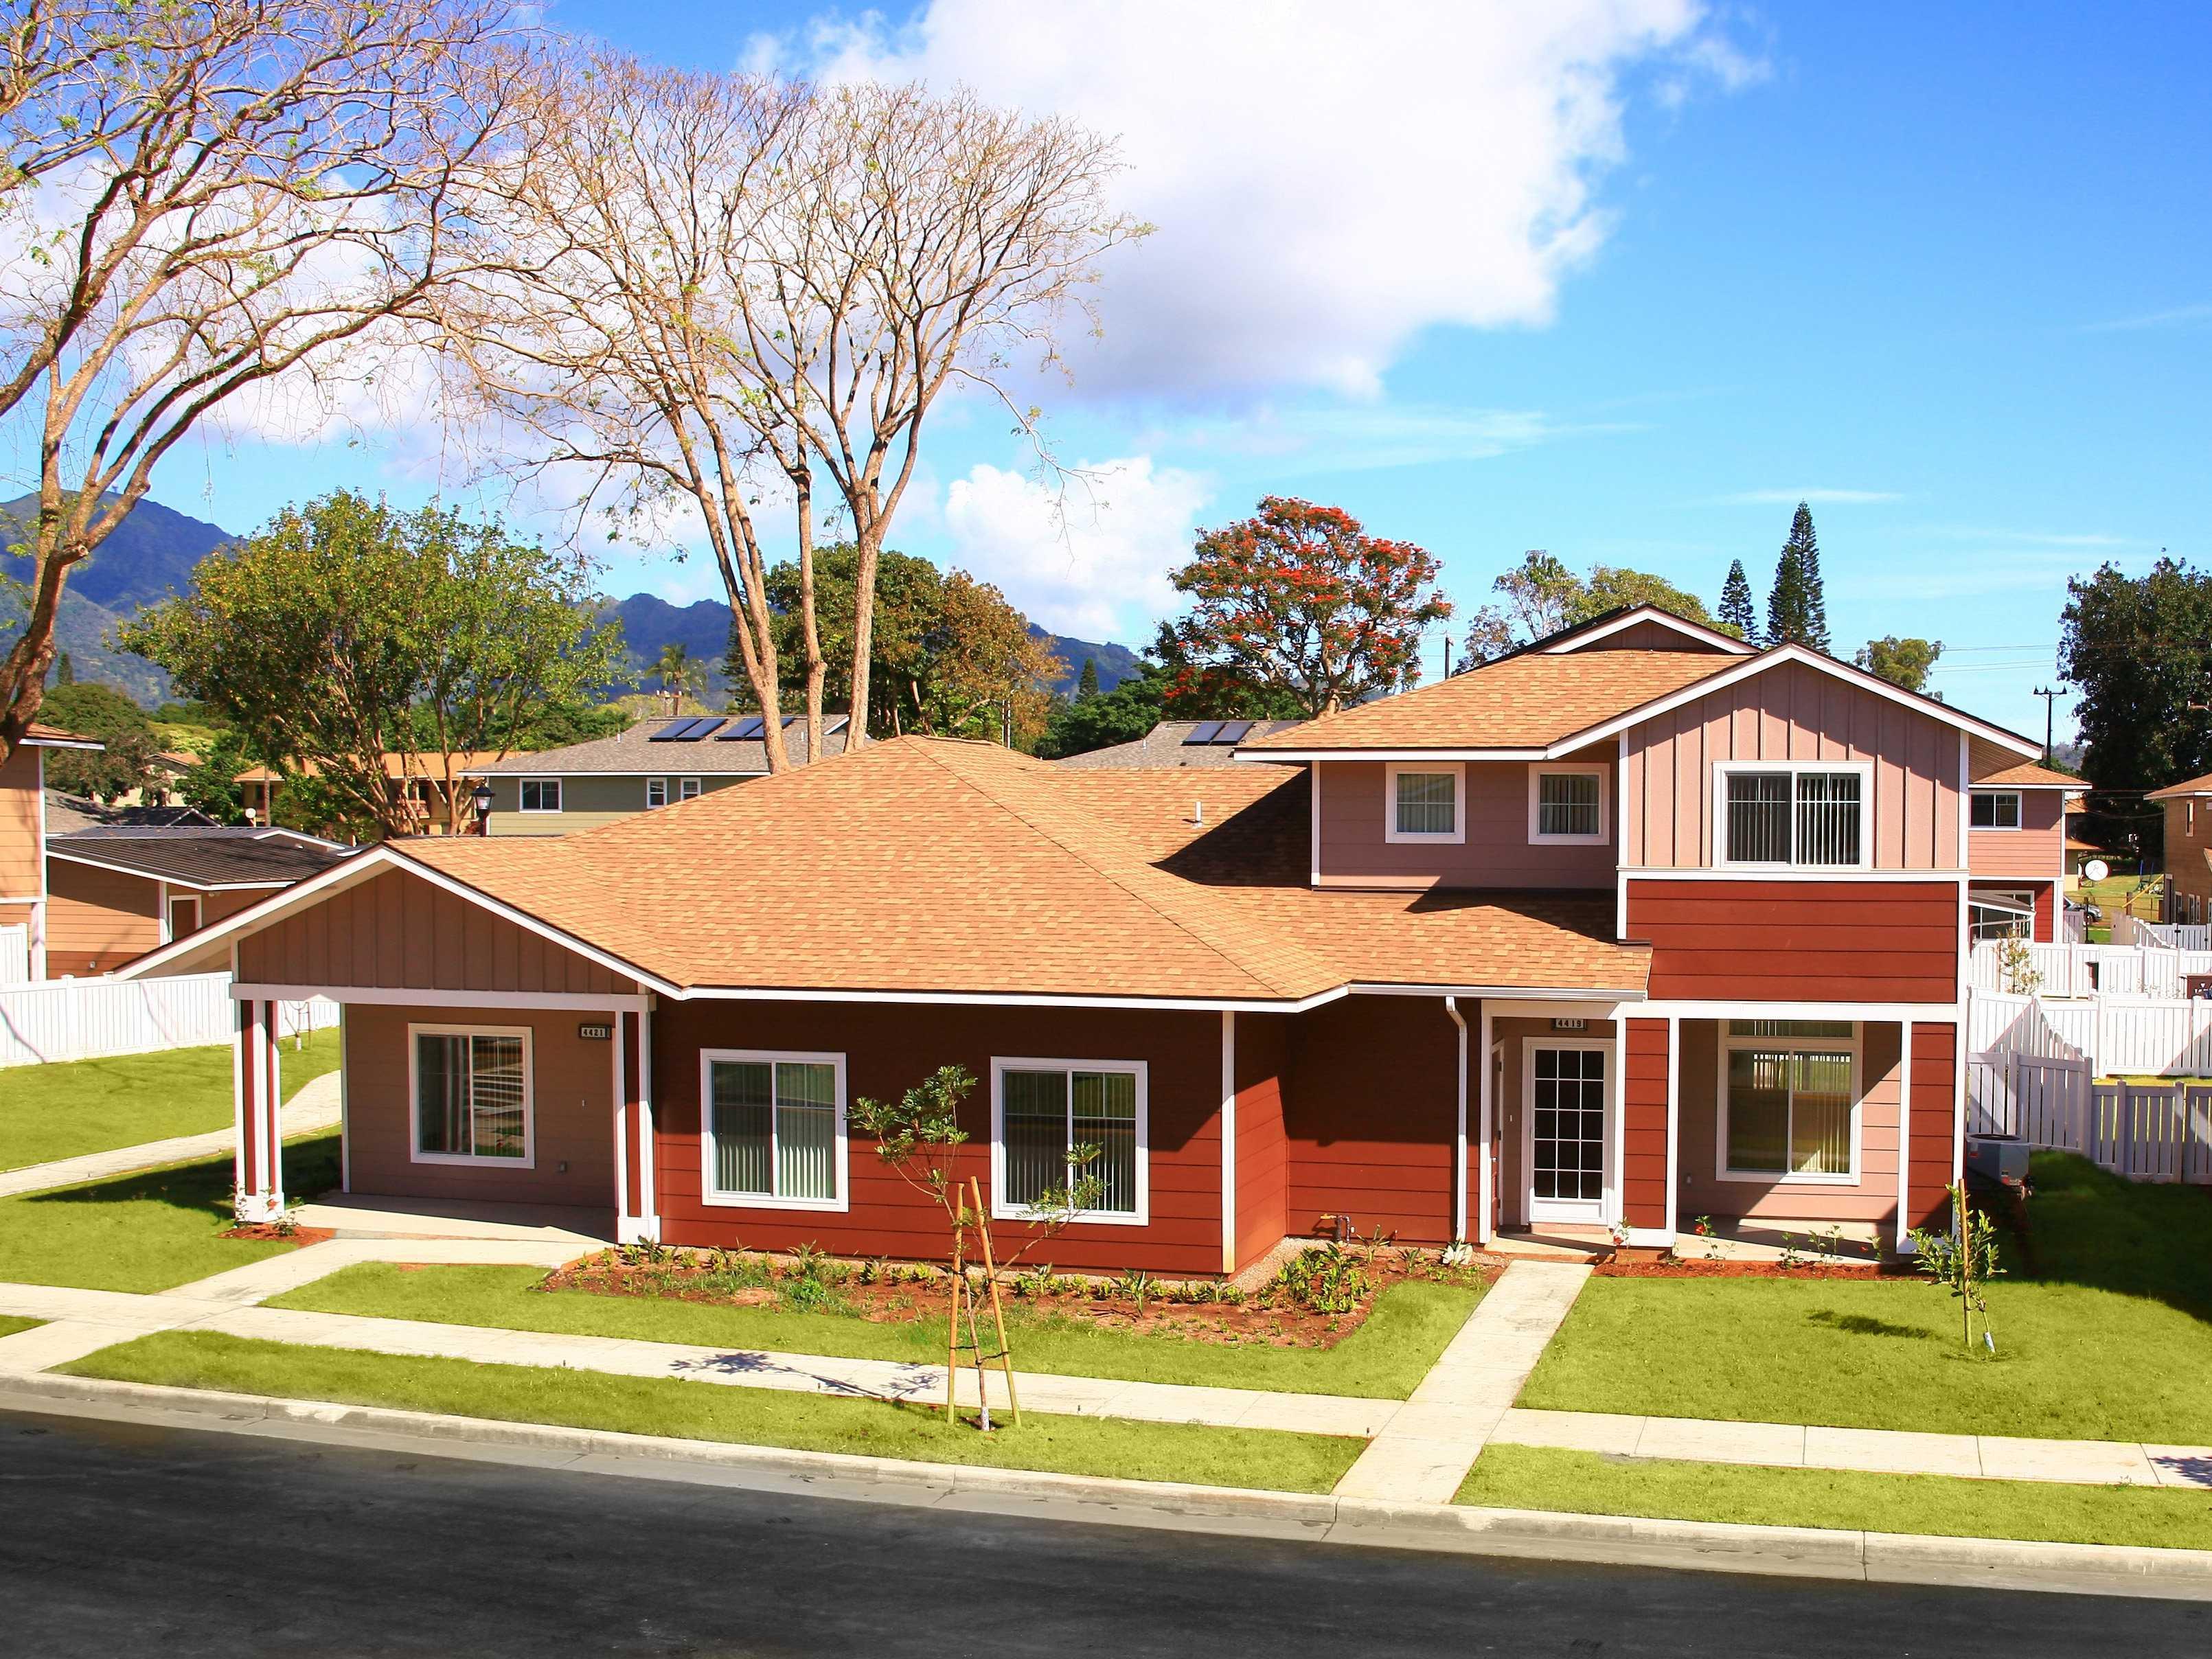 近期美国的房地产市场比以往任何时候都更有竞争力